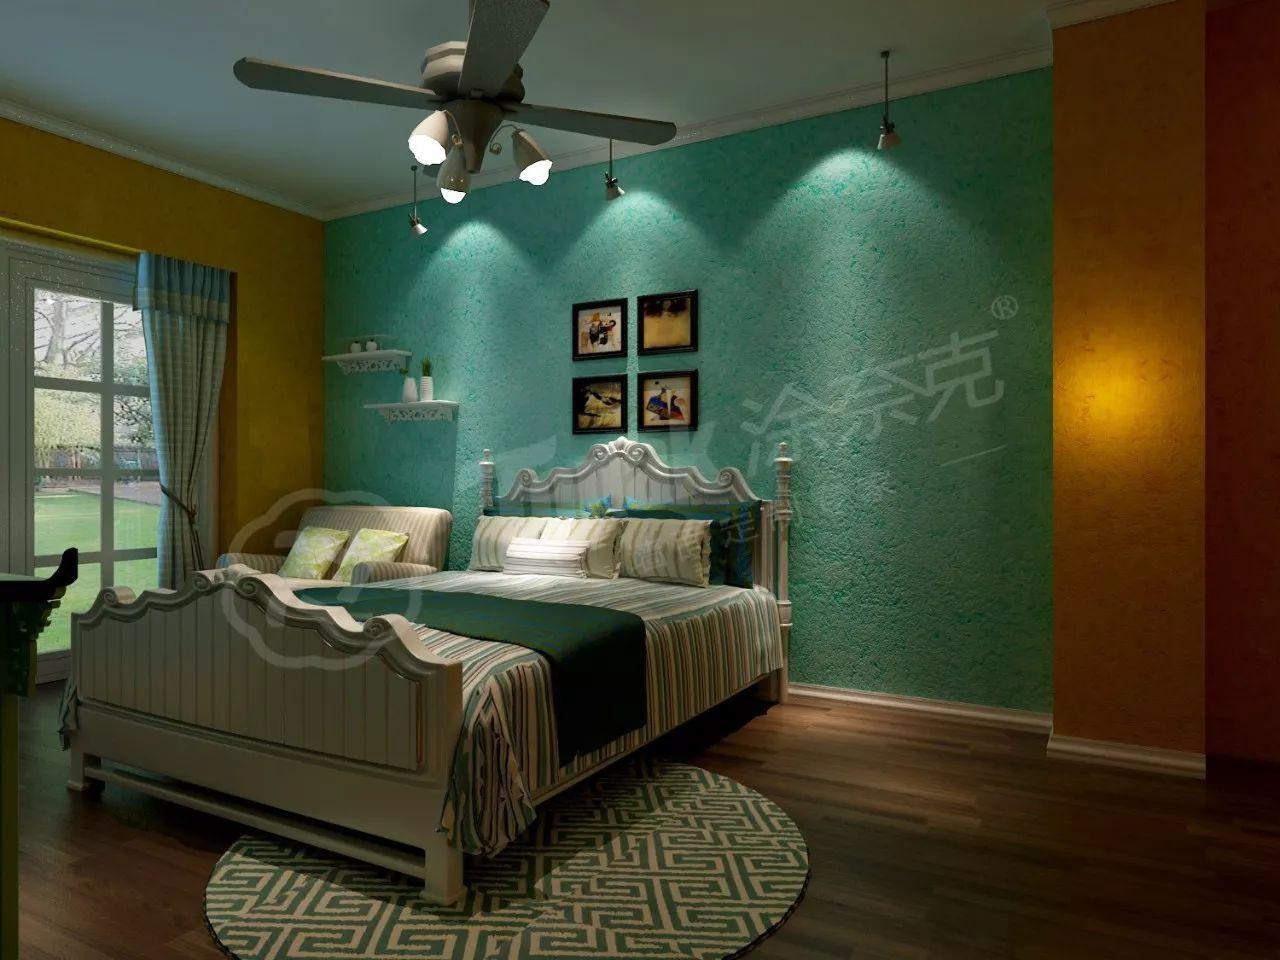 电视背景墙采用条形板涂刷上蓝色作为背景,沙发,地板等以蓝白色为主